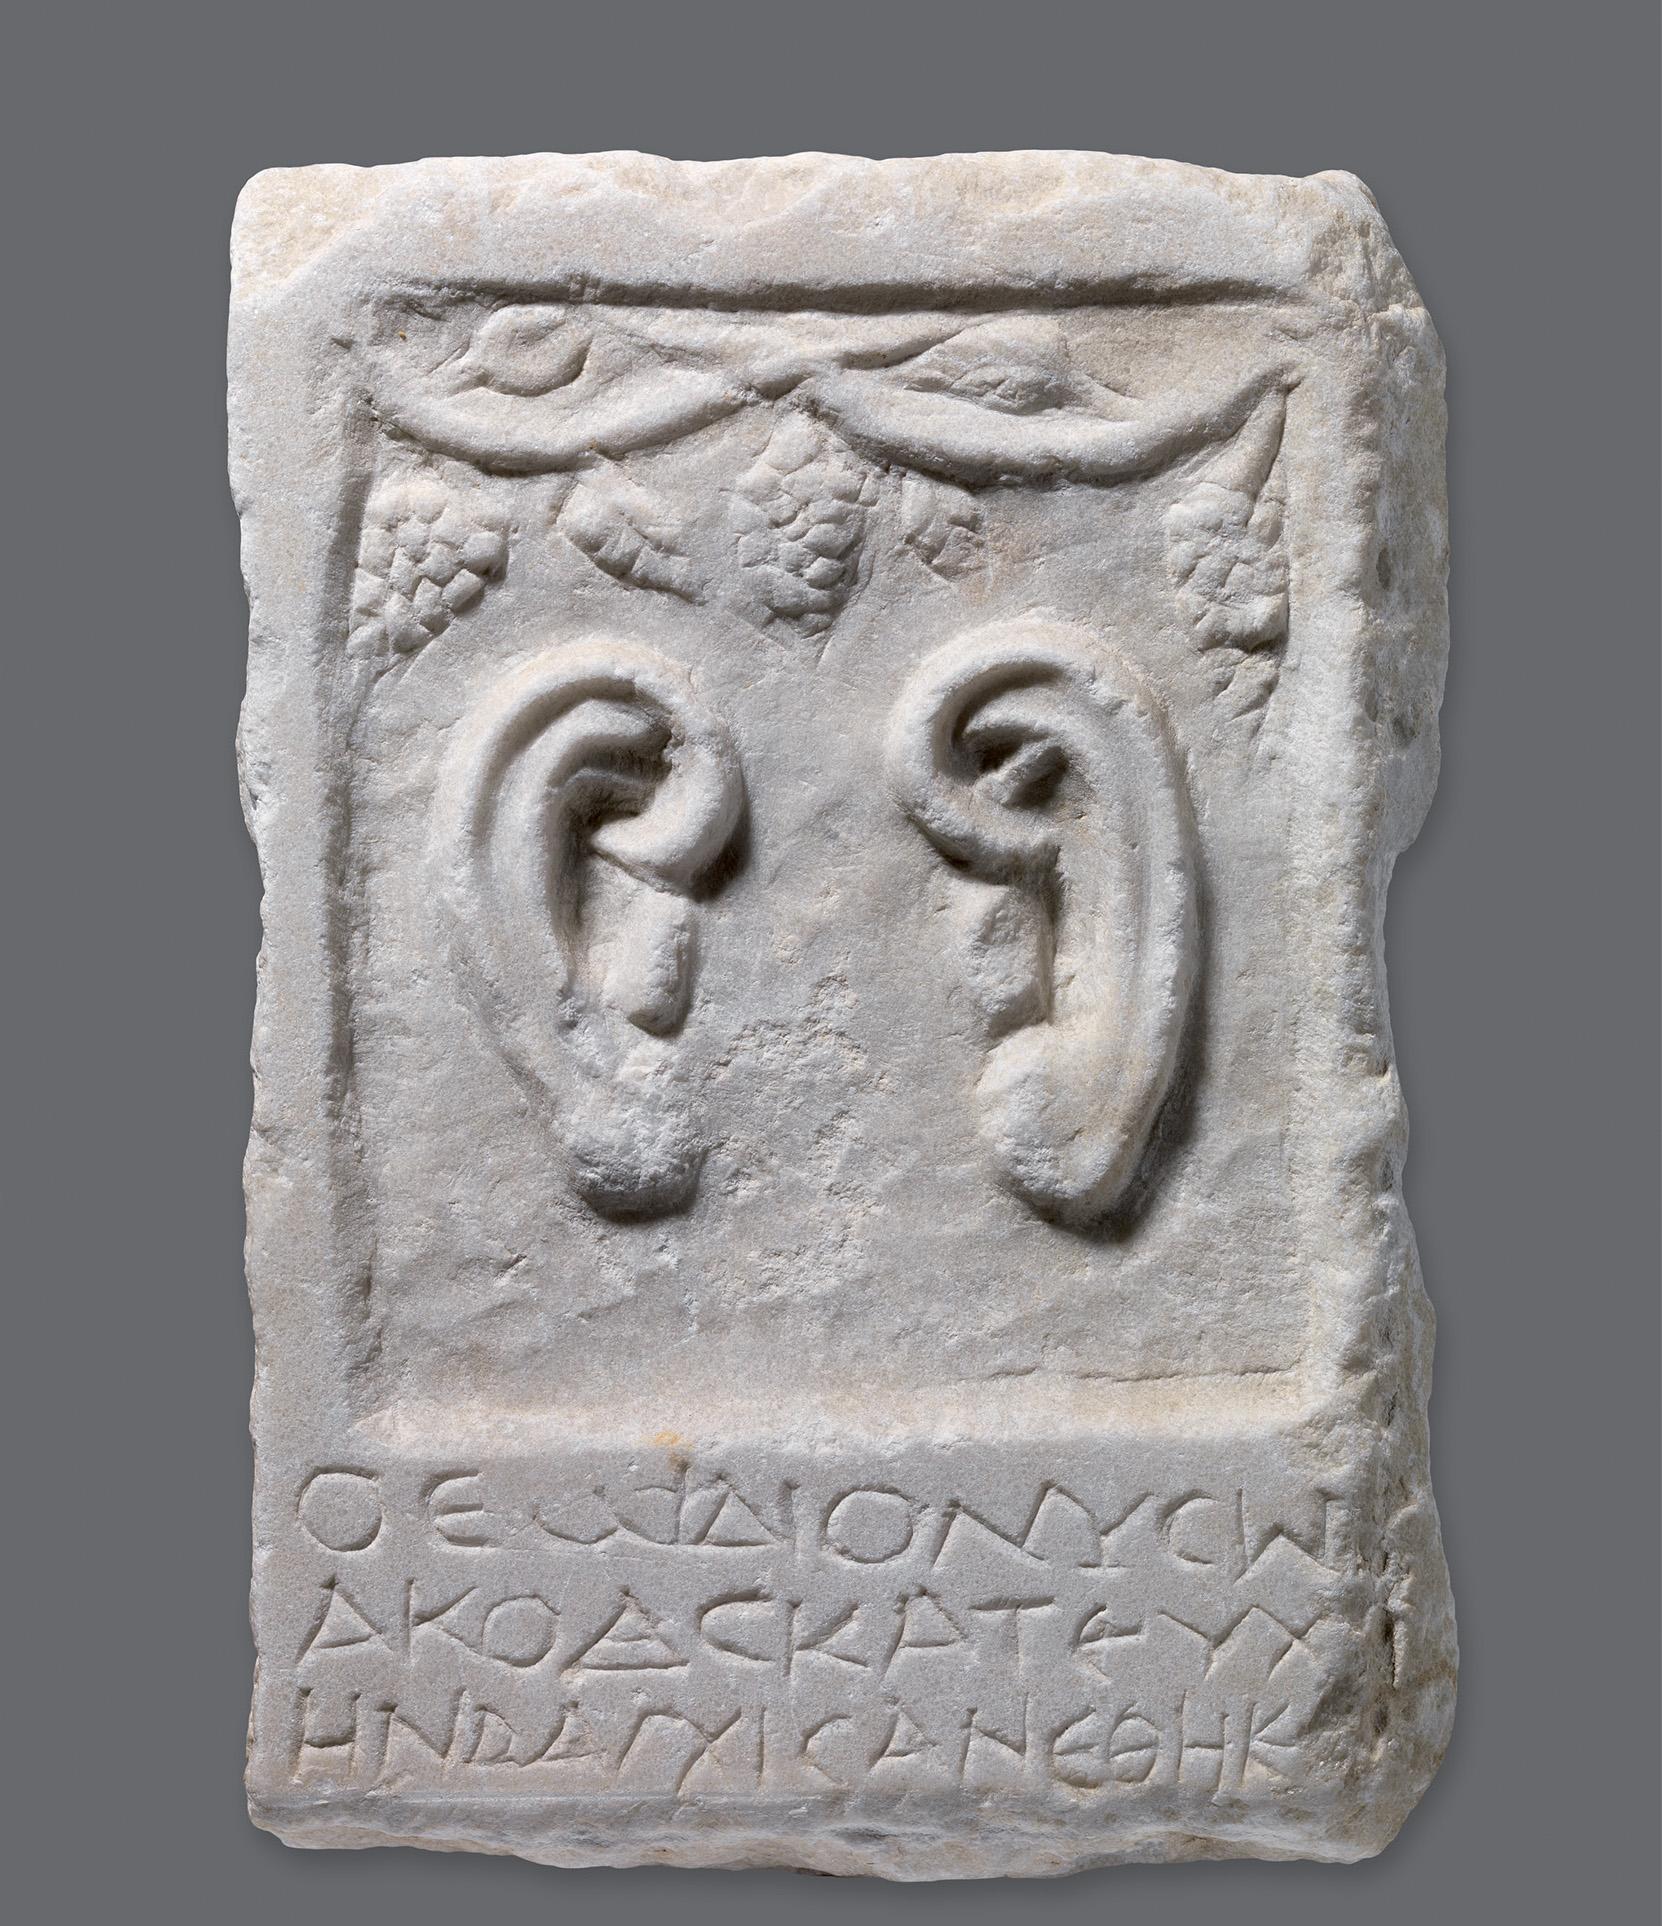 Μαρμάρινο ενεπίγραφο ανάγλυφο με παράσταση αυτιών 2ος αι. μ.Χ. Ύψ. 29 εκ.· Πλ. 20 εκ. Θεσσαλονίκη, Σαραπείον Θεσσαλονίκη, Αρχαιολογικό Μουσείο